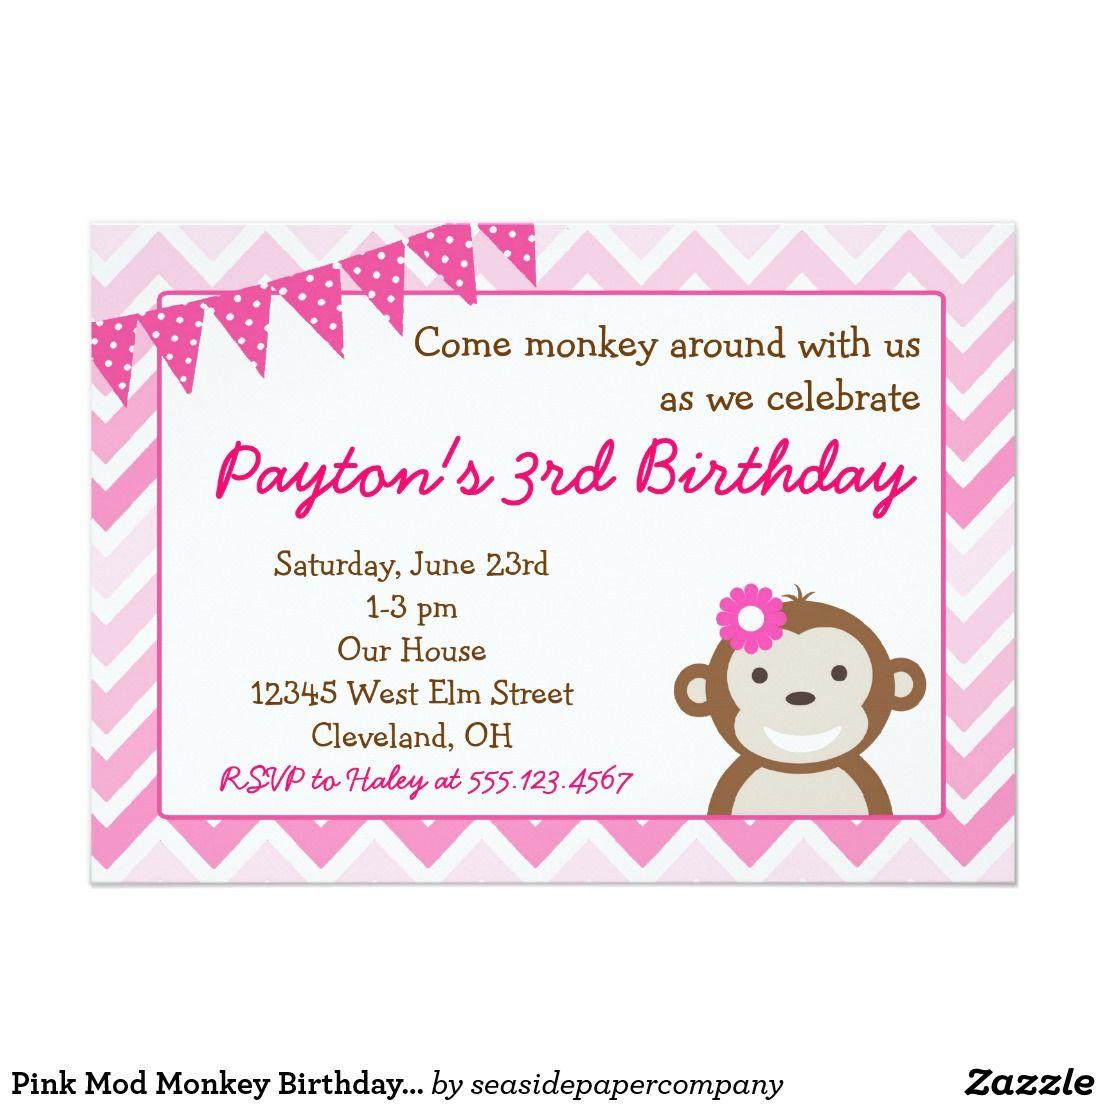 Pink Mod Monkey Birthday Party Invitation | Monkey birthday parties ...